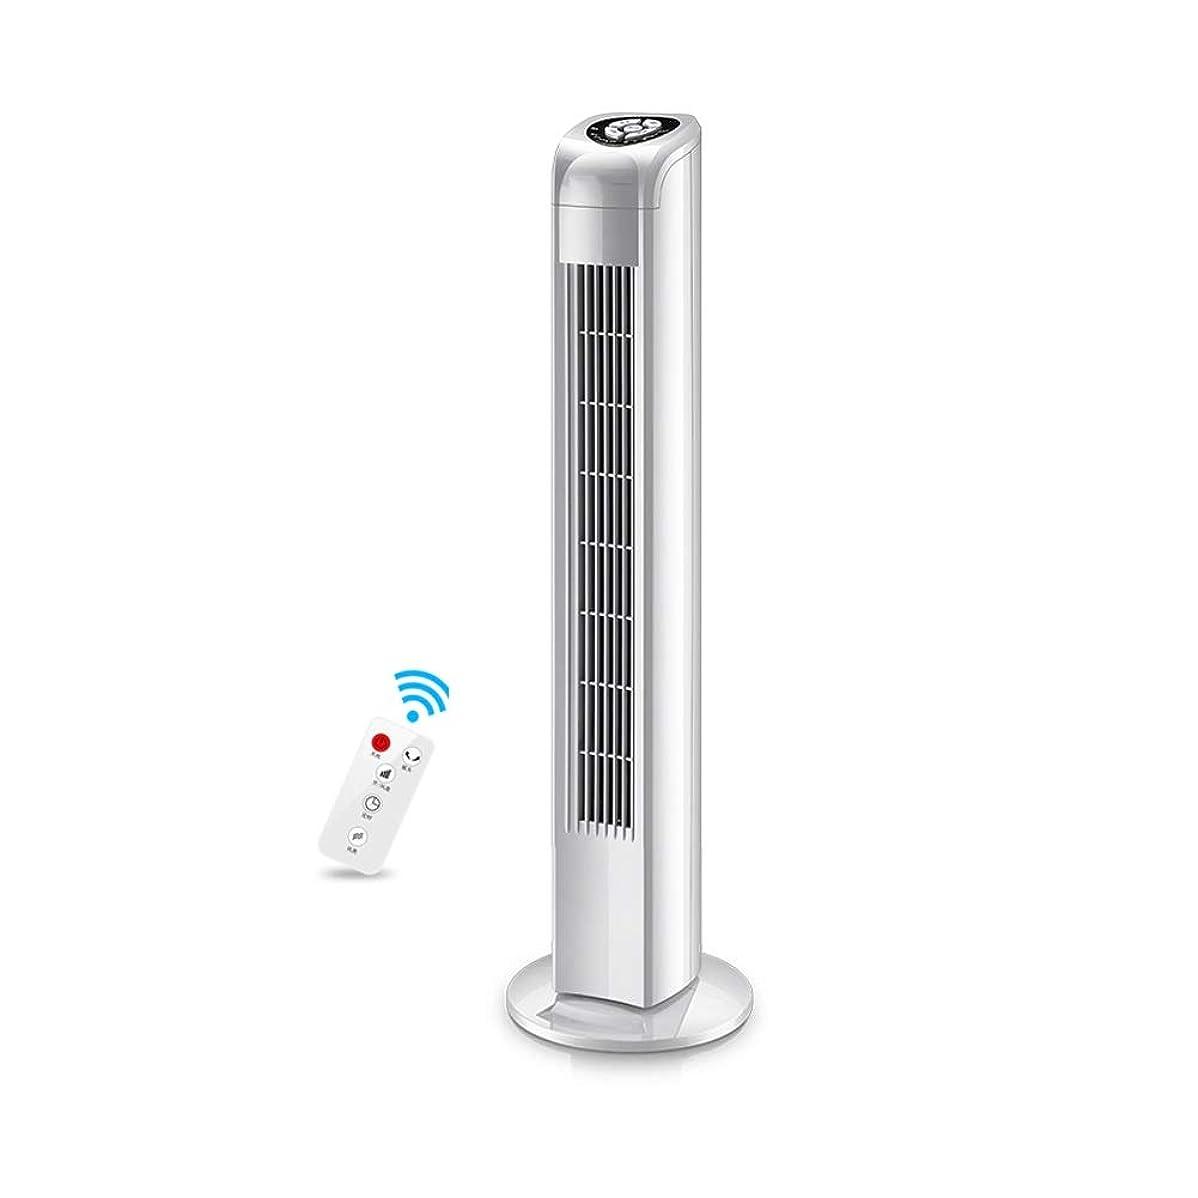 鳴らすりんご拡声器LPD-冷風機 エアコンポータブル蒸発塔ファンエアクーラーモバイルエアコン安全リモコンタイミング低ノイズ激しい冷却